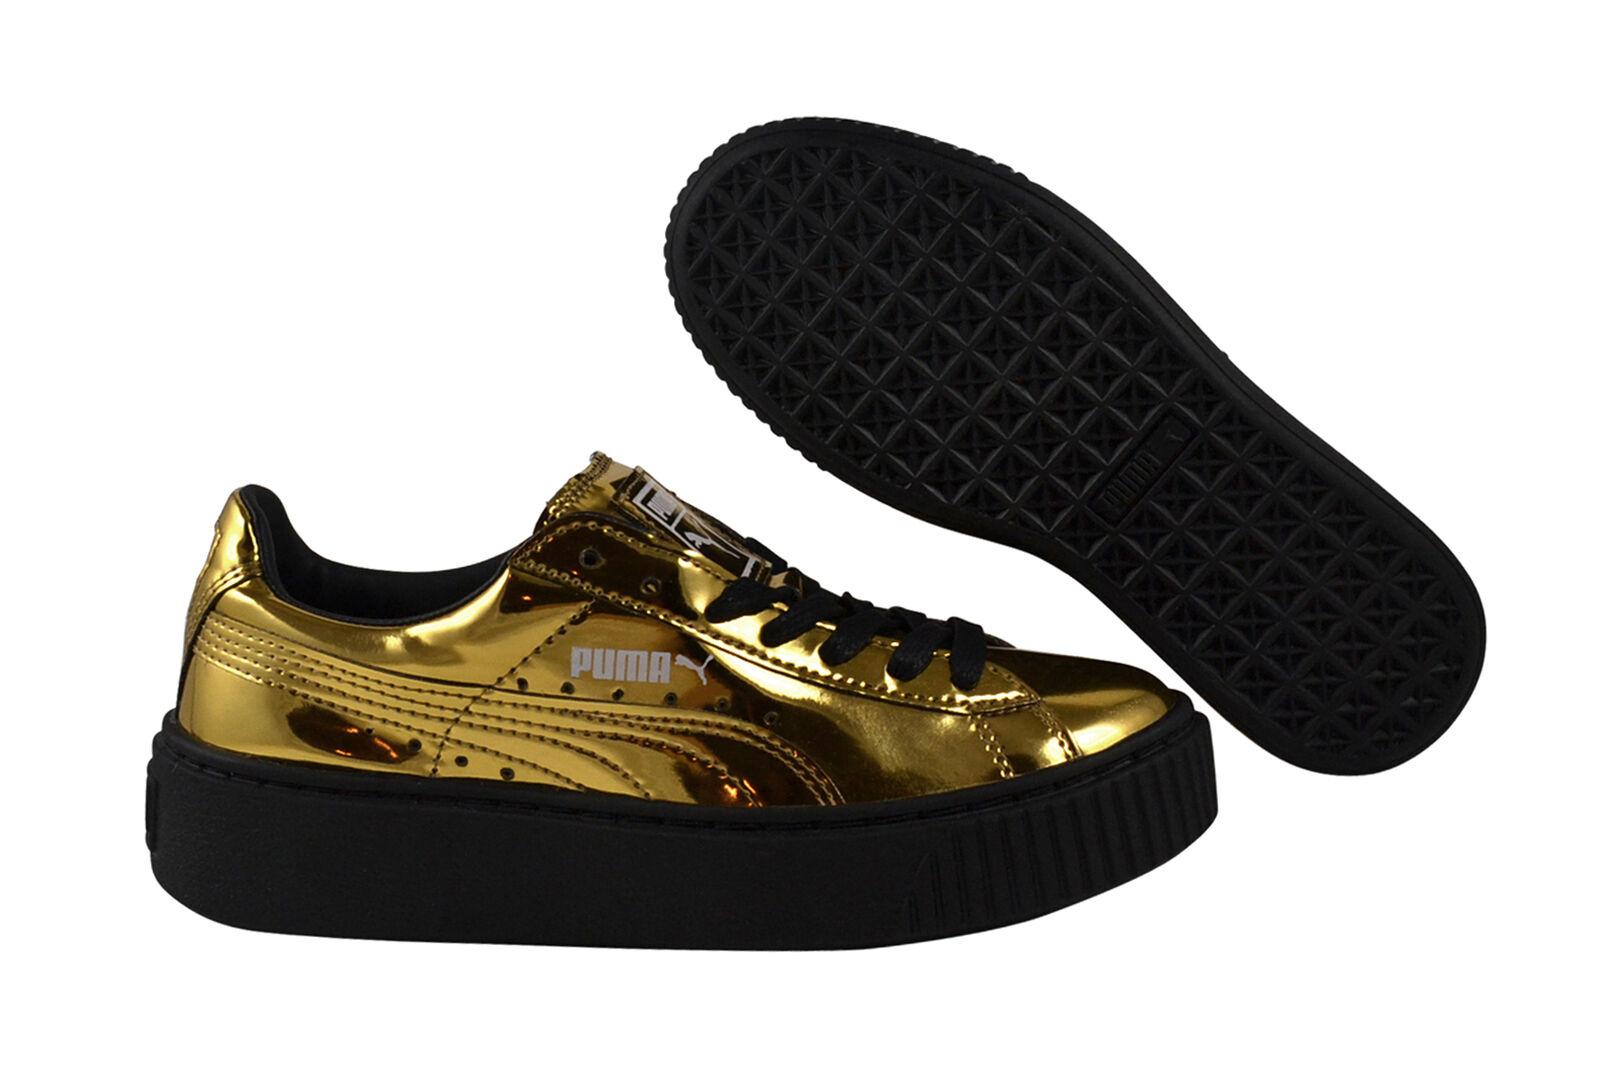 PUMA Basket piattaforma METALLIZZATO oro oro nero scarpe da da da ginnastica scarpe nere 362339 04 | Materiali Selezionati Con Cura  1c3a48